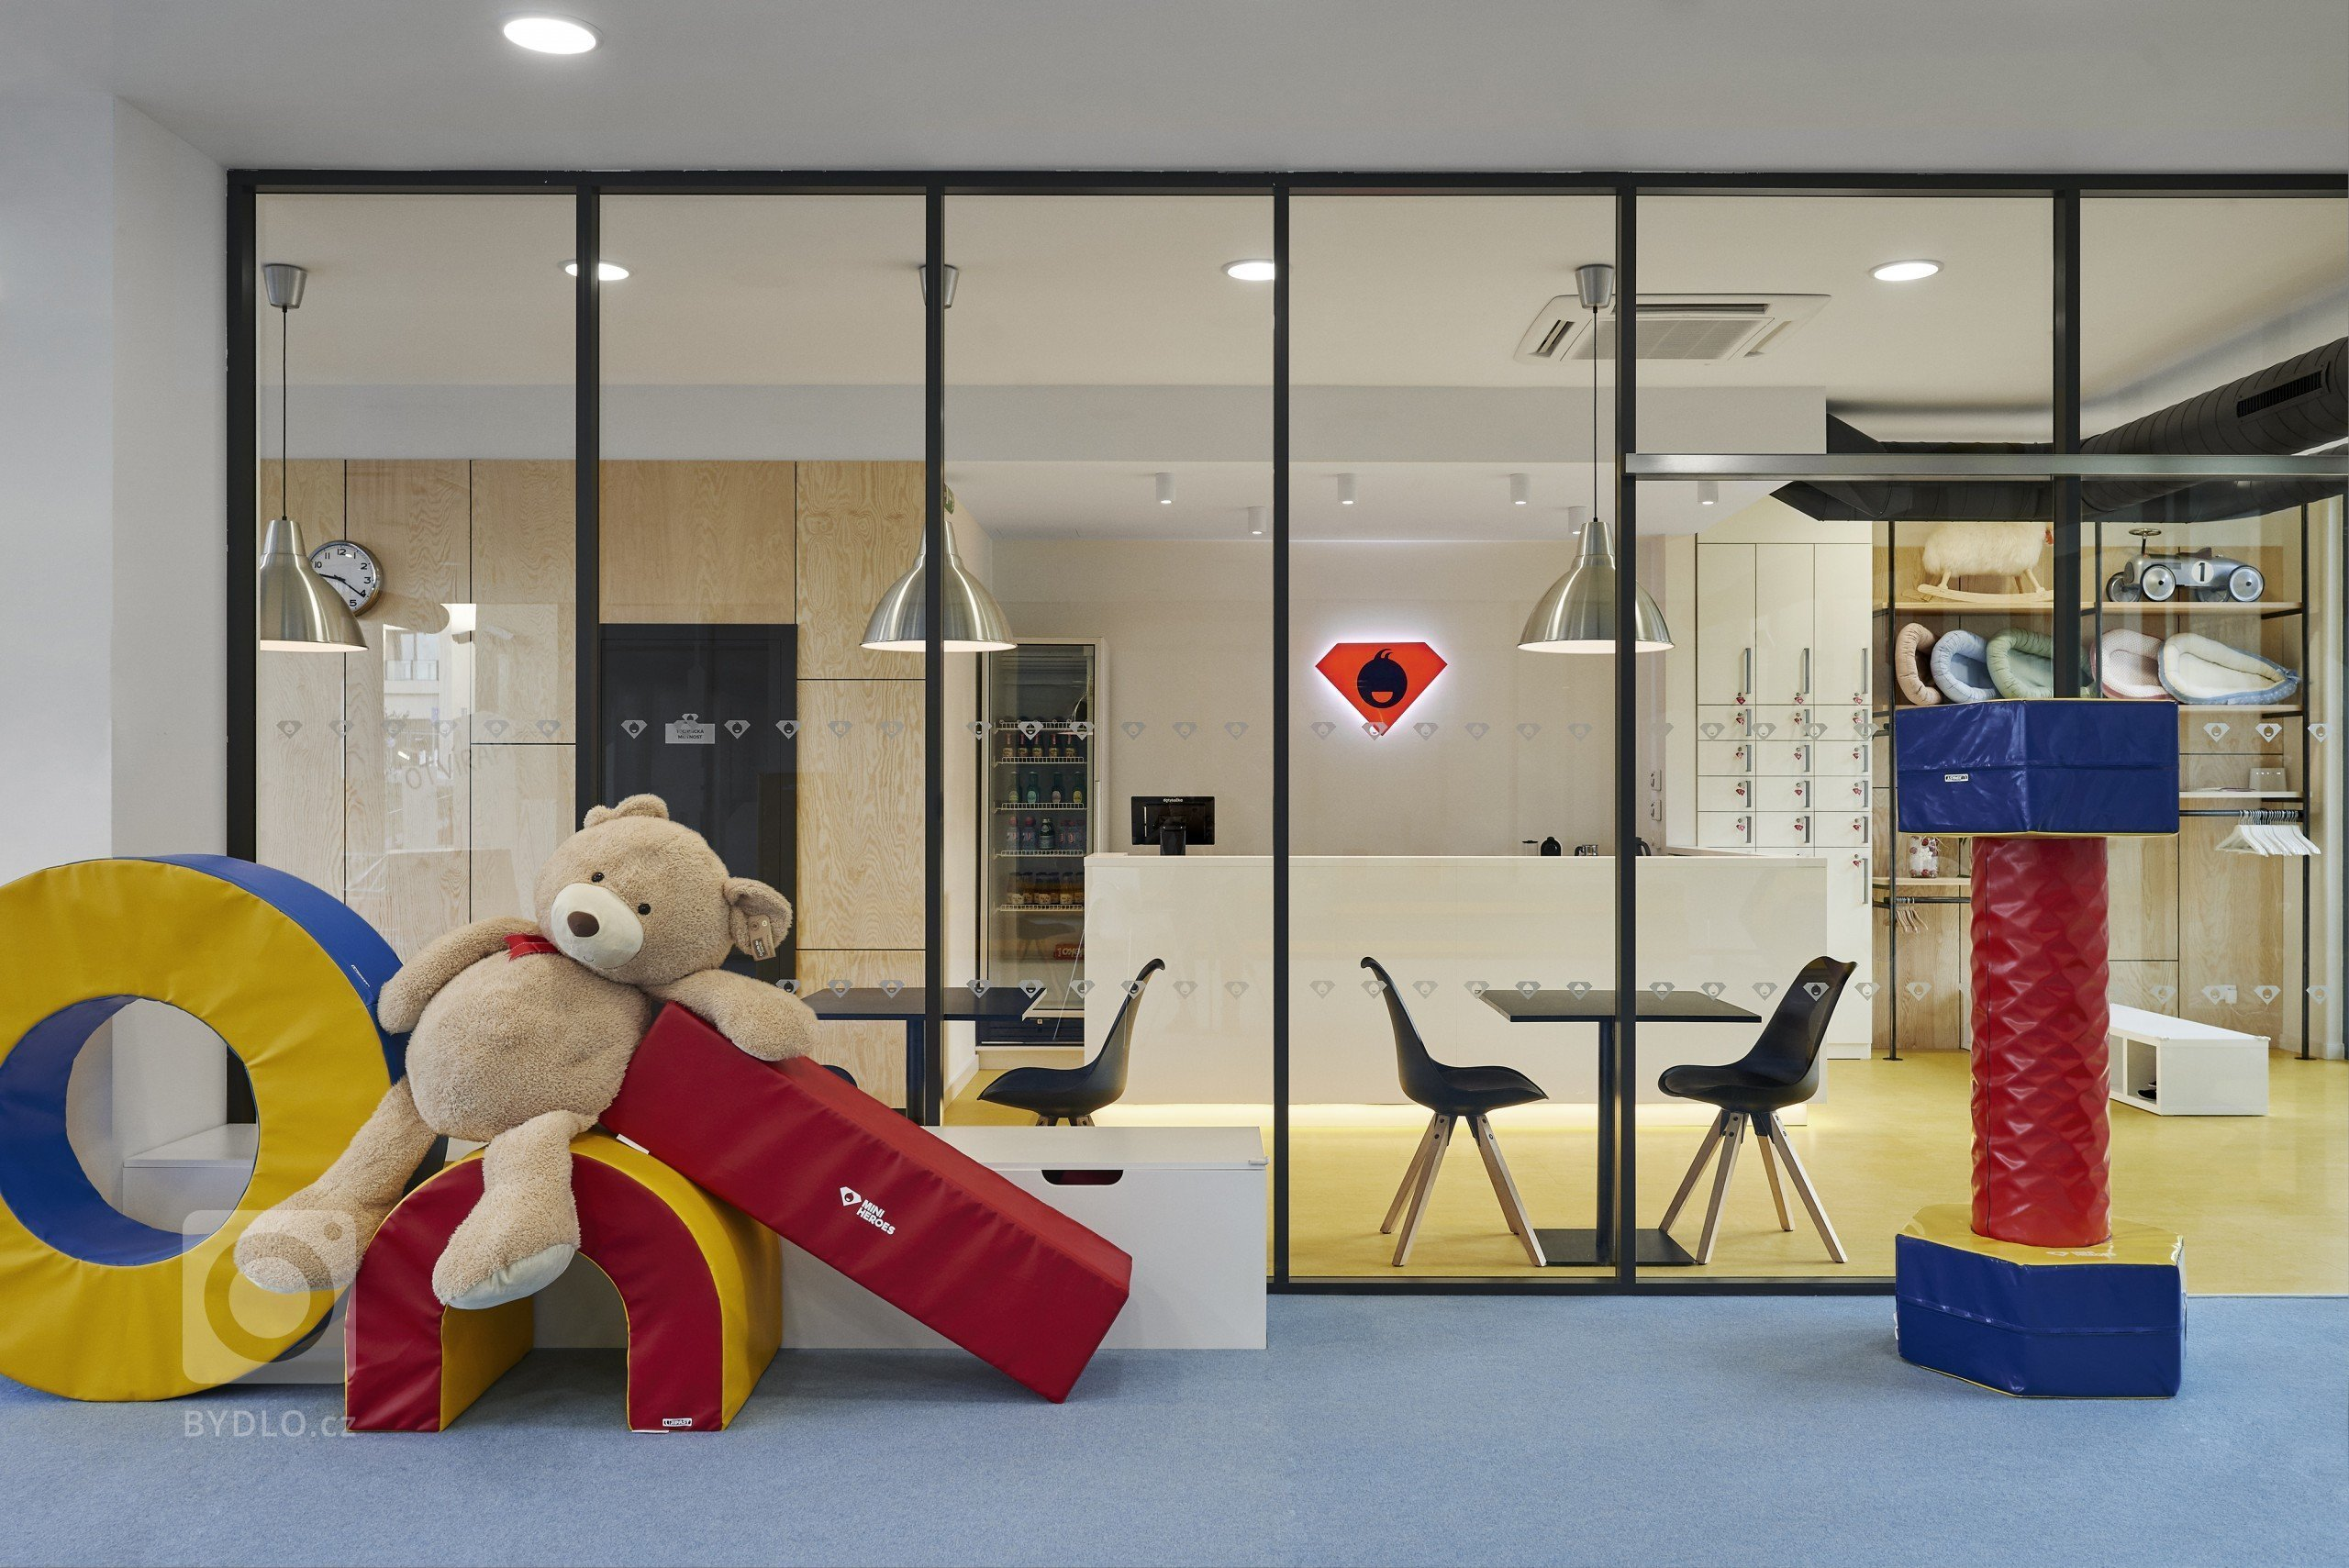 Projekt dětské herny Mini Heroes, nacházející se v objektu River Garden v pražském Karlíně. Prostor byl před kolaudací a naprosto prázdný, postarali jsme se o…